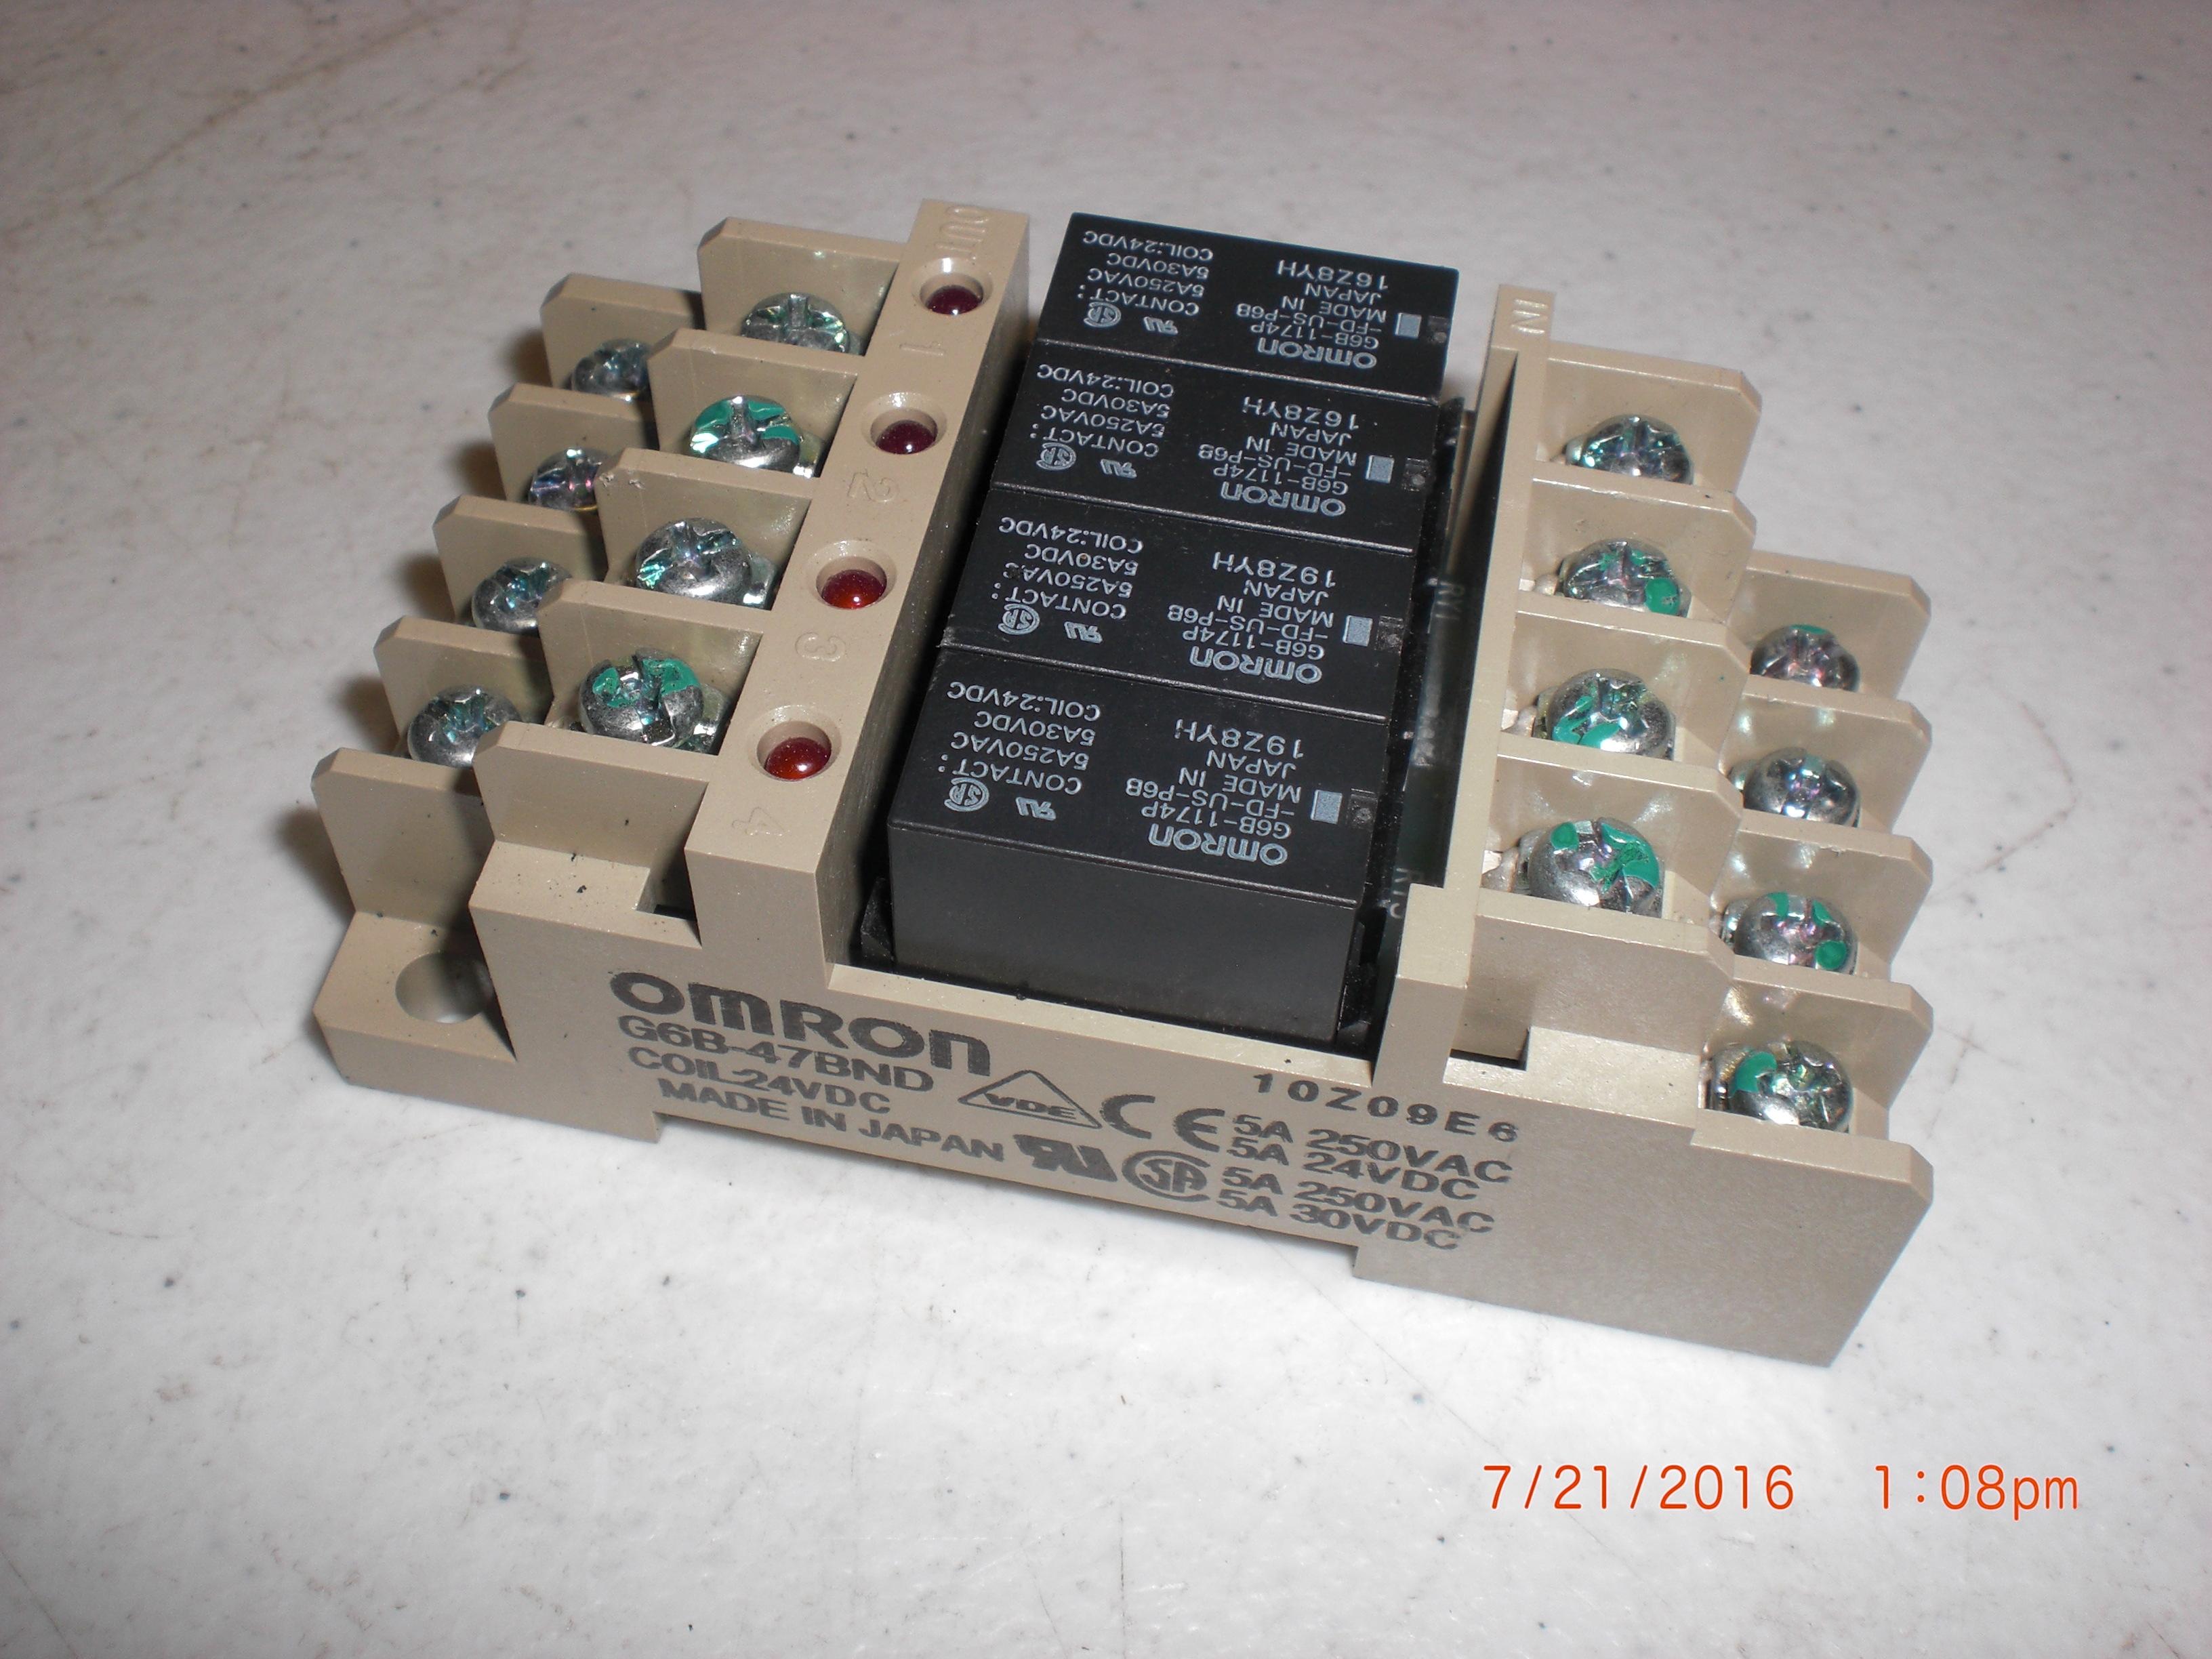 Relay OMRON G6B-47BND din base w/4 G6B-1174P relay 24VDC  250VAC/30VDC 5A